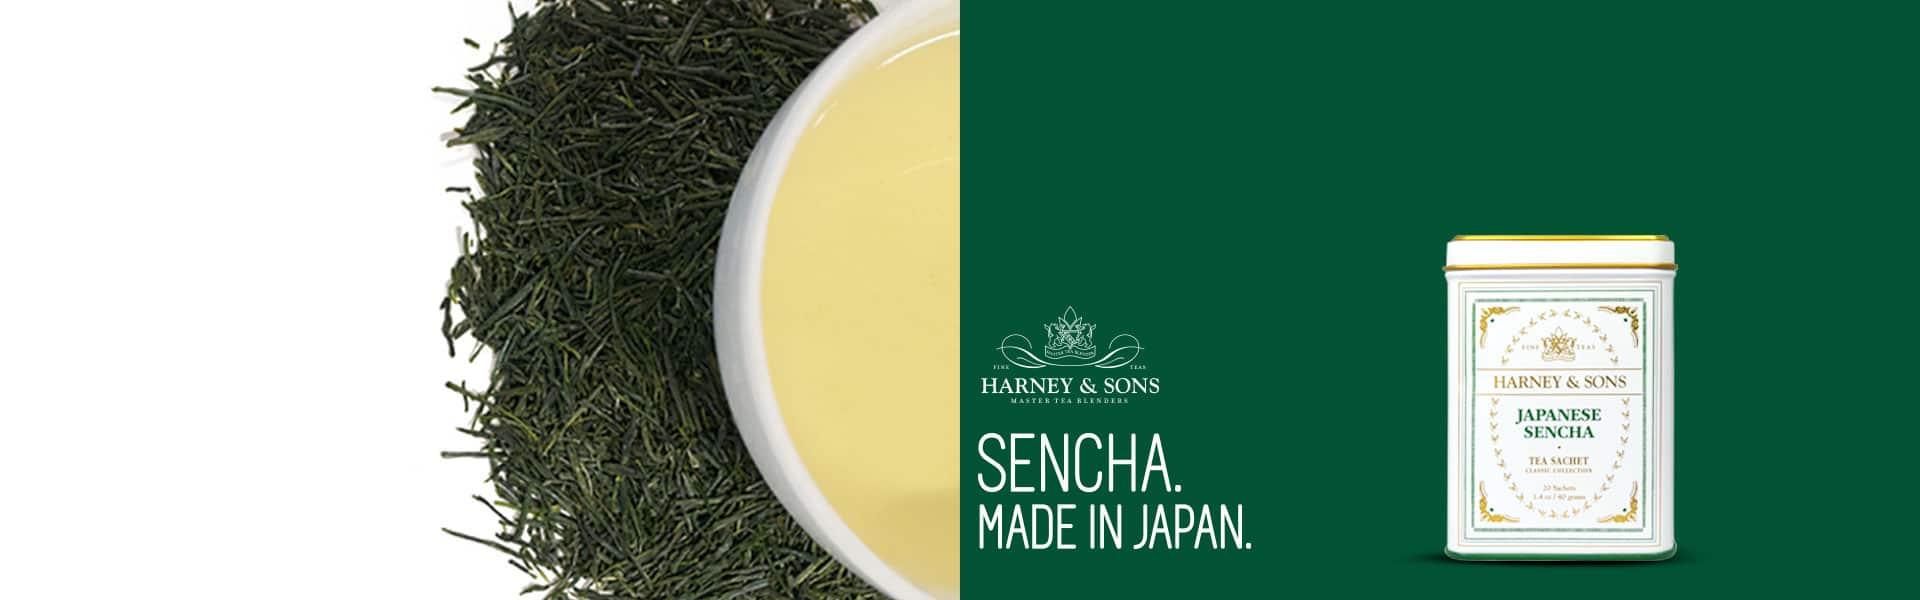 Harney Classic Sencha